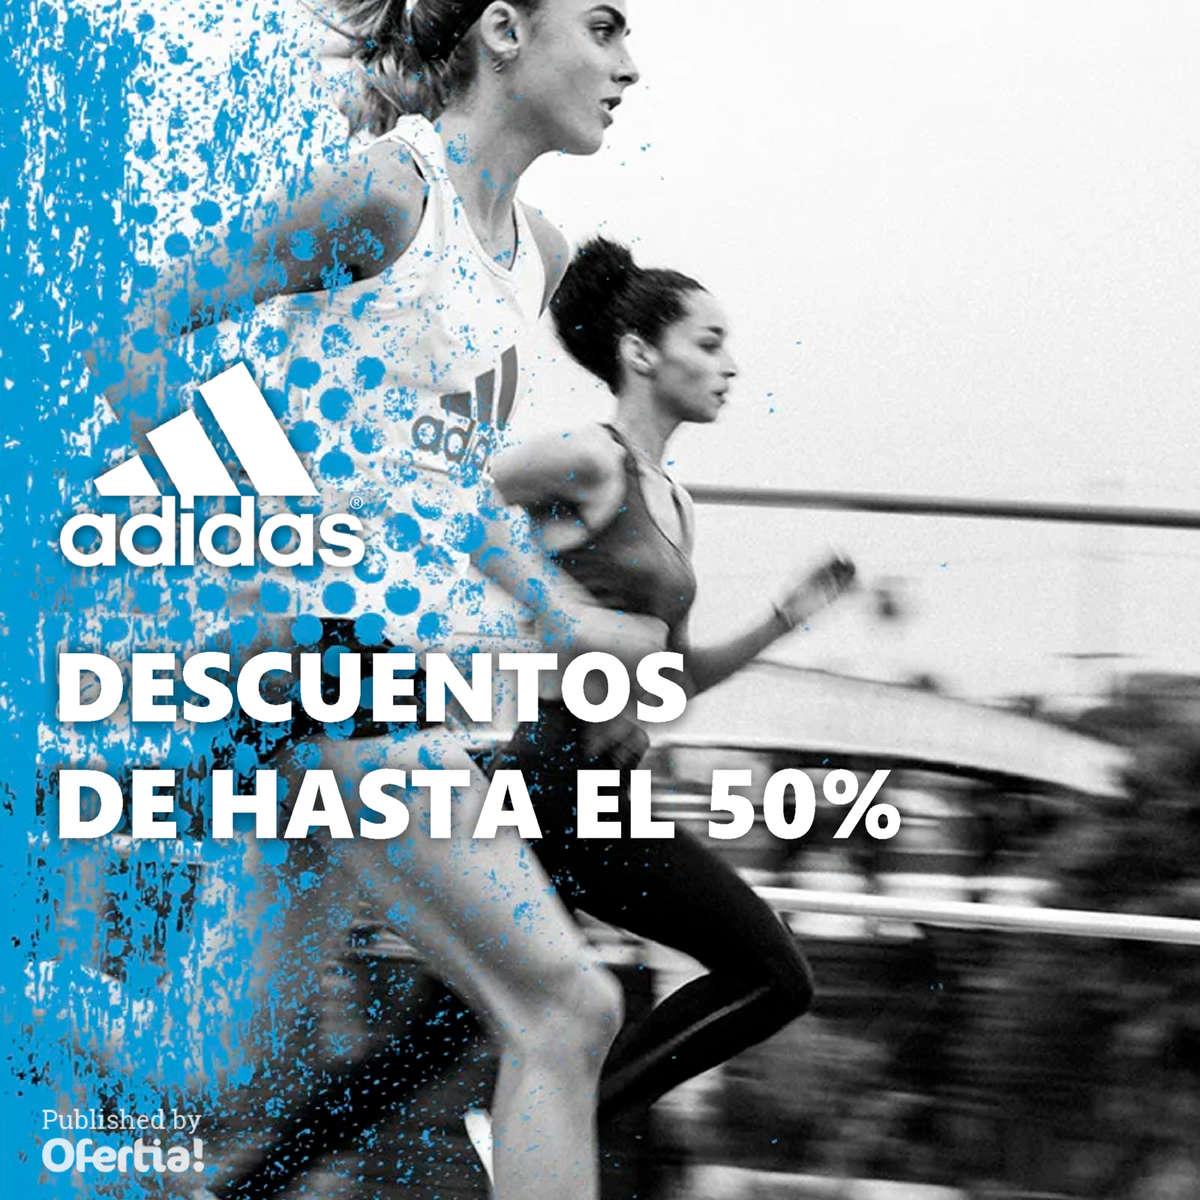 Camiseta deportiva mujer en Crucecita - Catálogos e5e579d2deaed